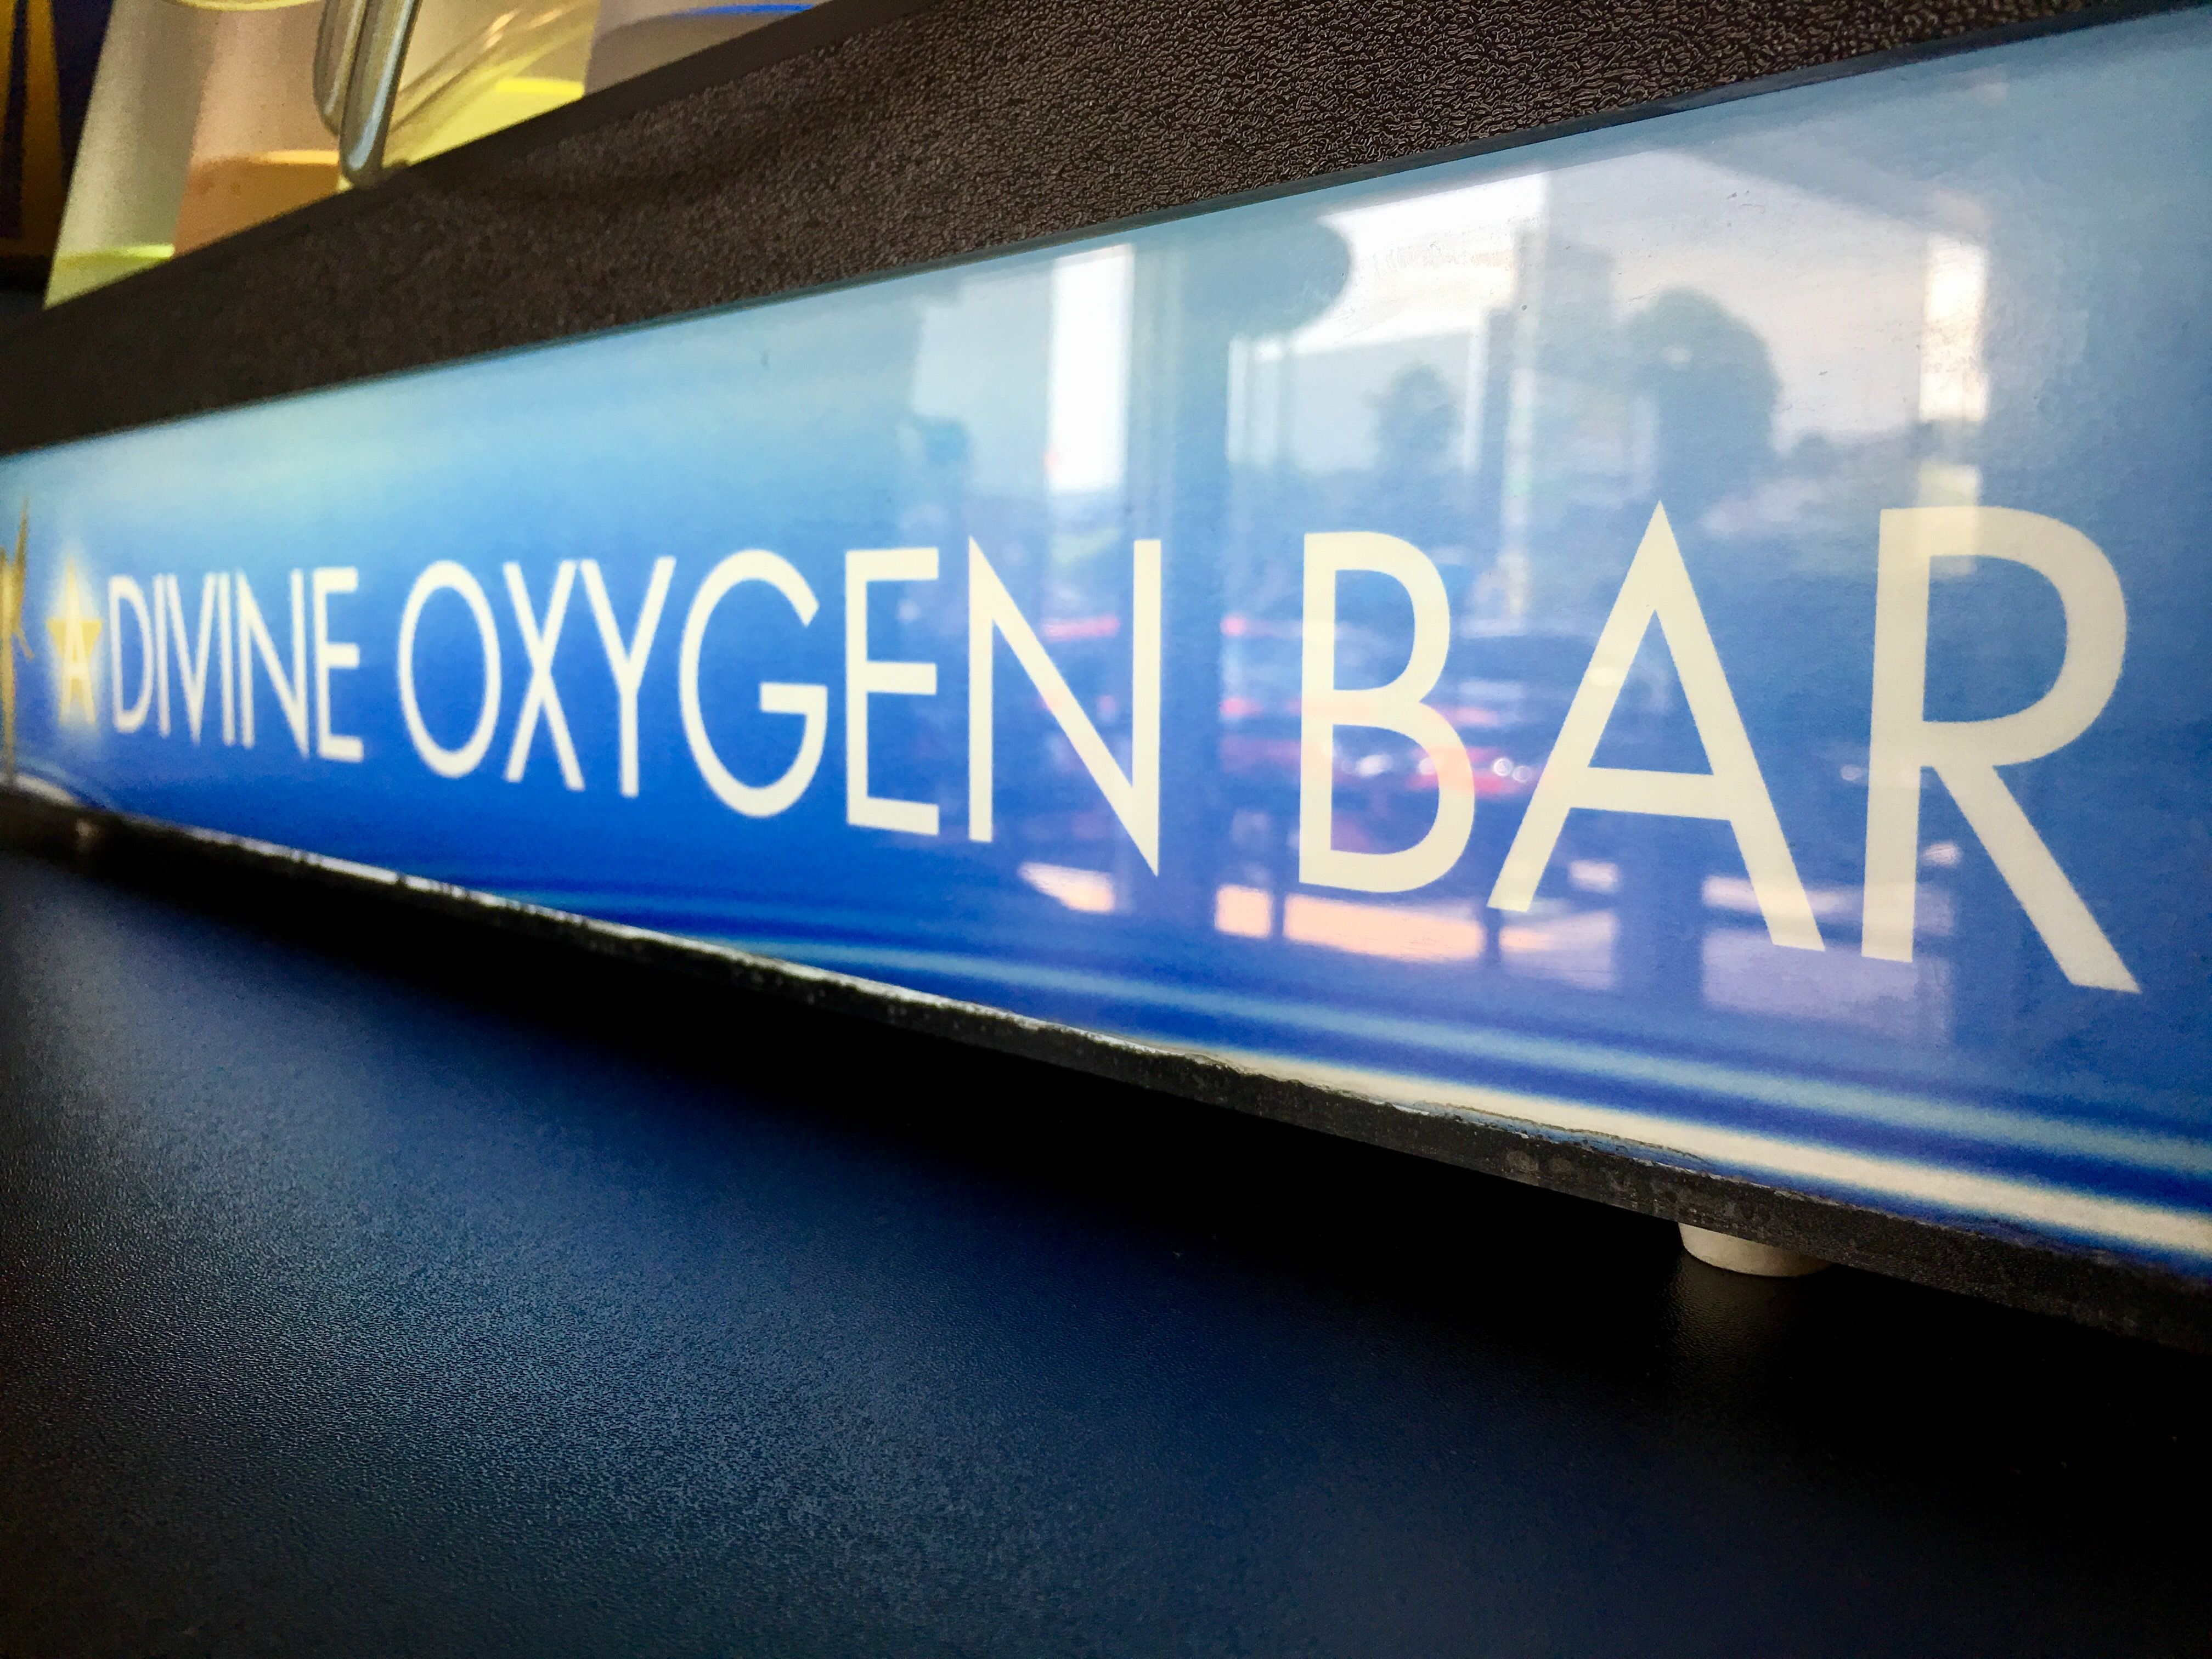 A Divine oxygen bar